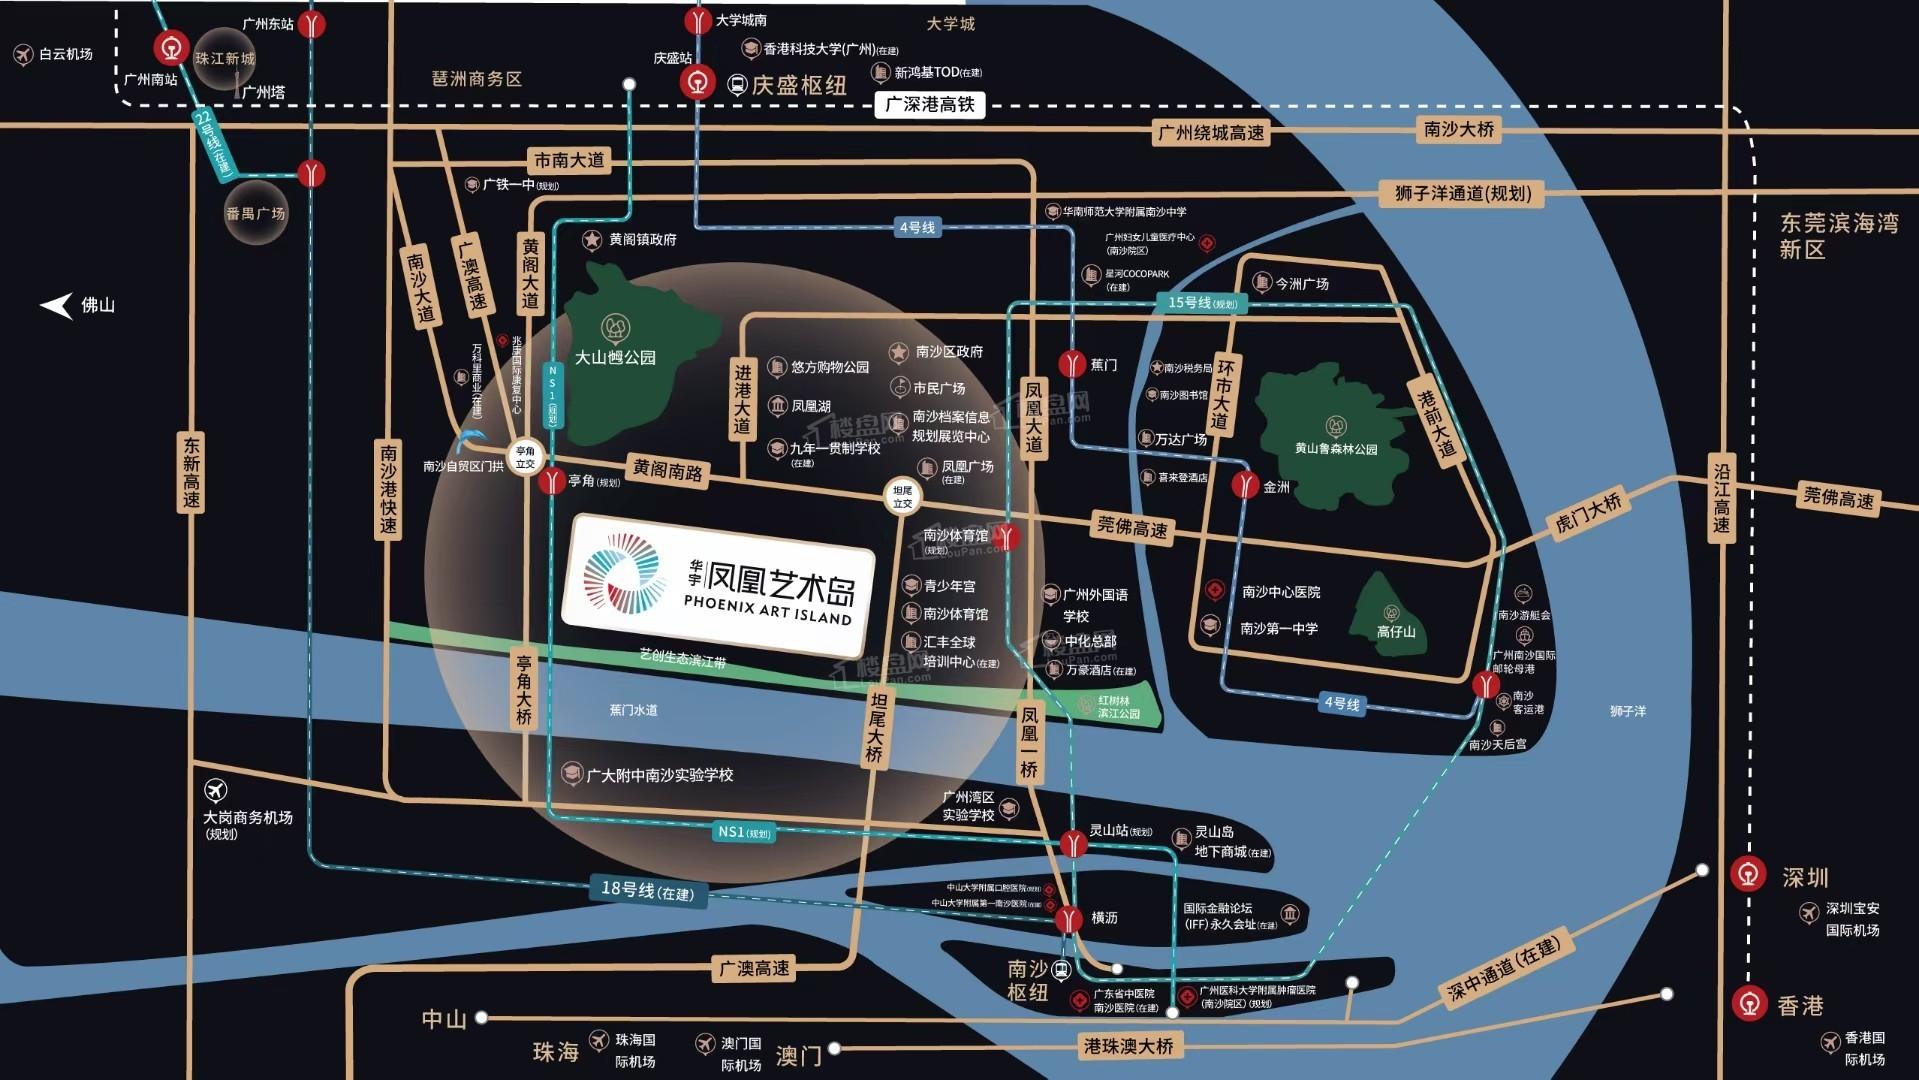 广州南沙华宇凤凰艺术岛位置图